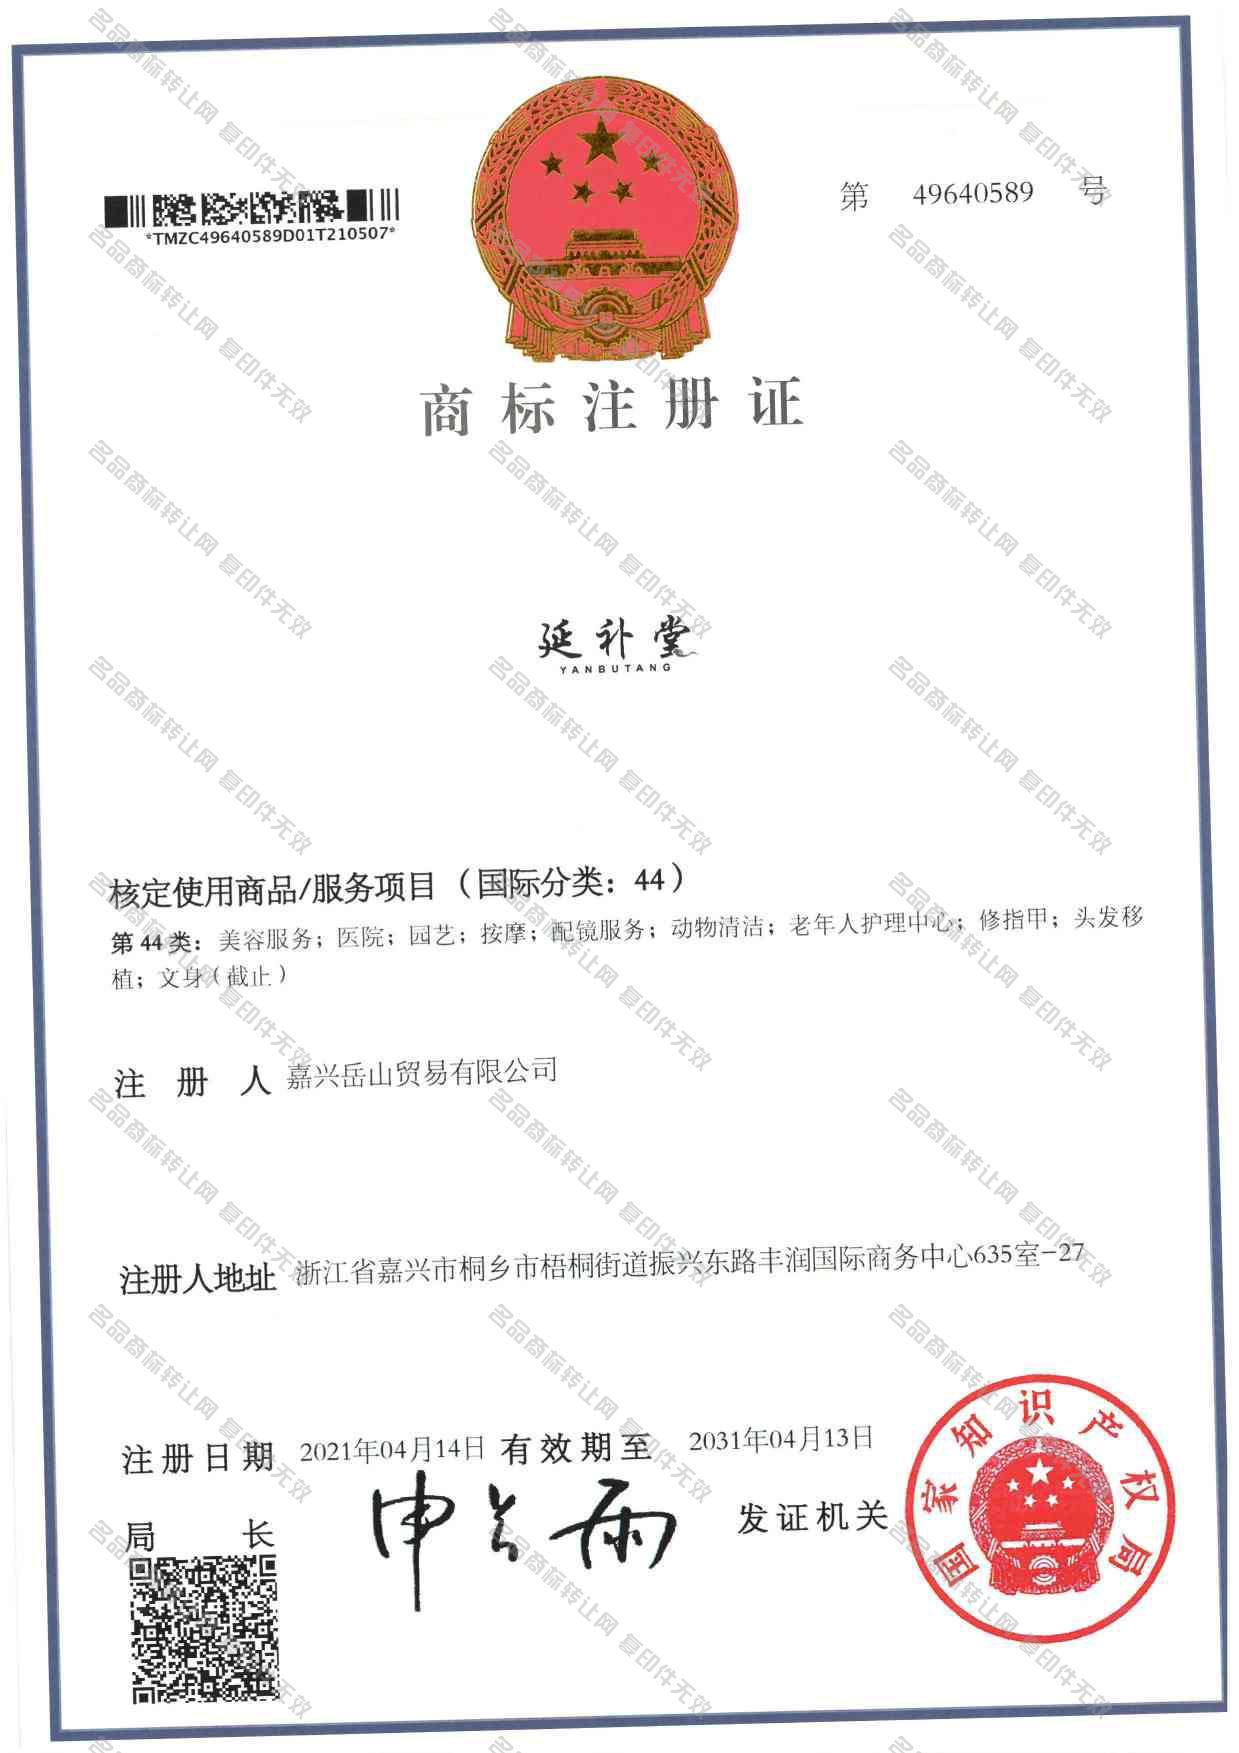 延补堂注册证